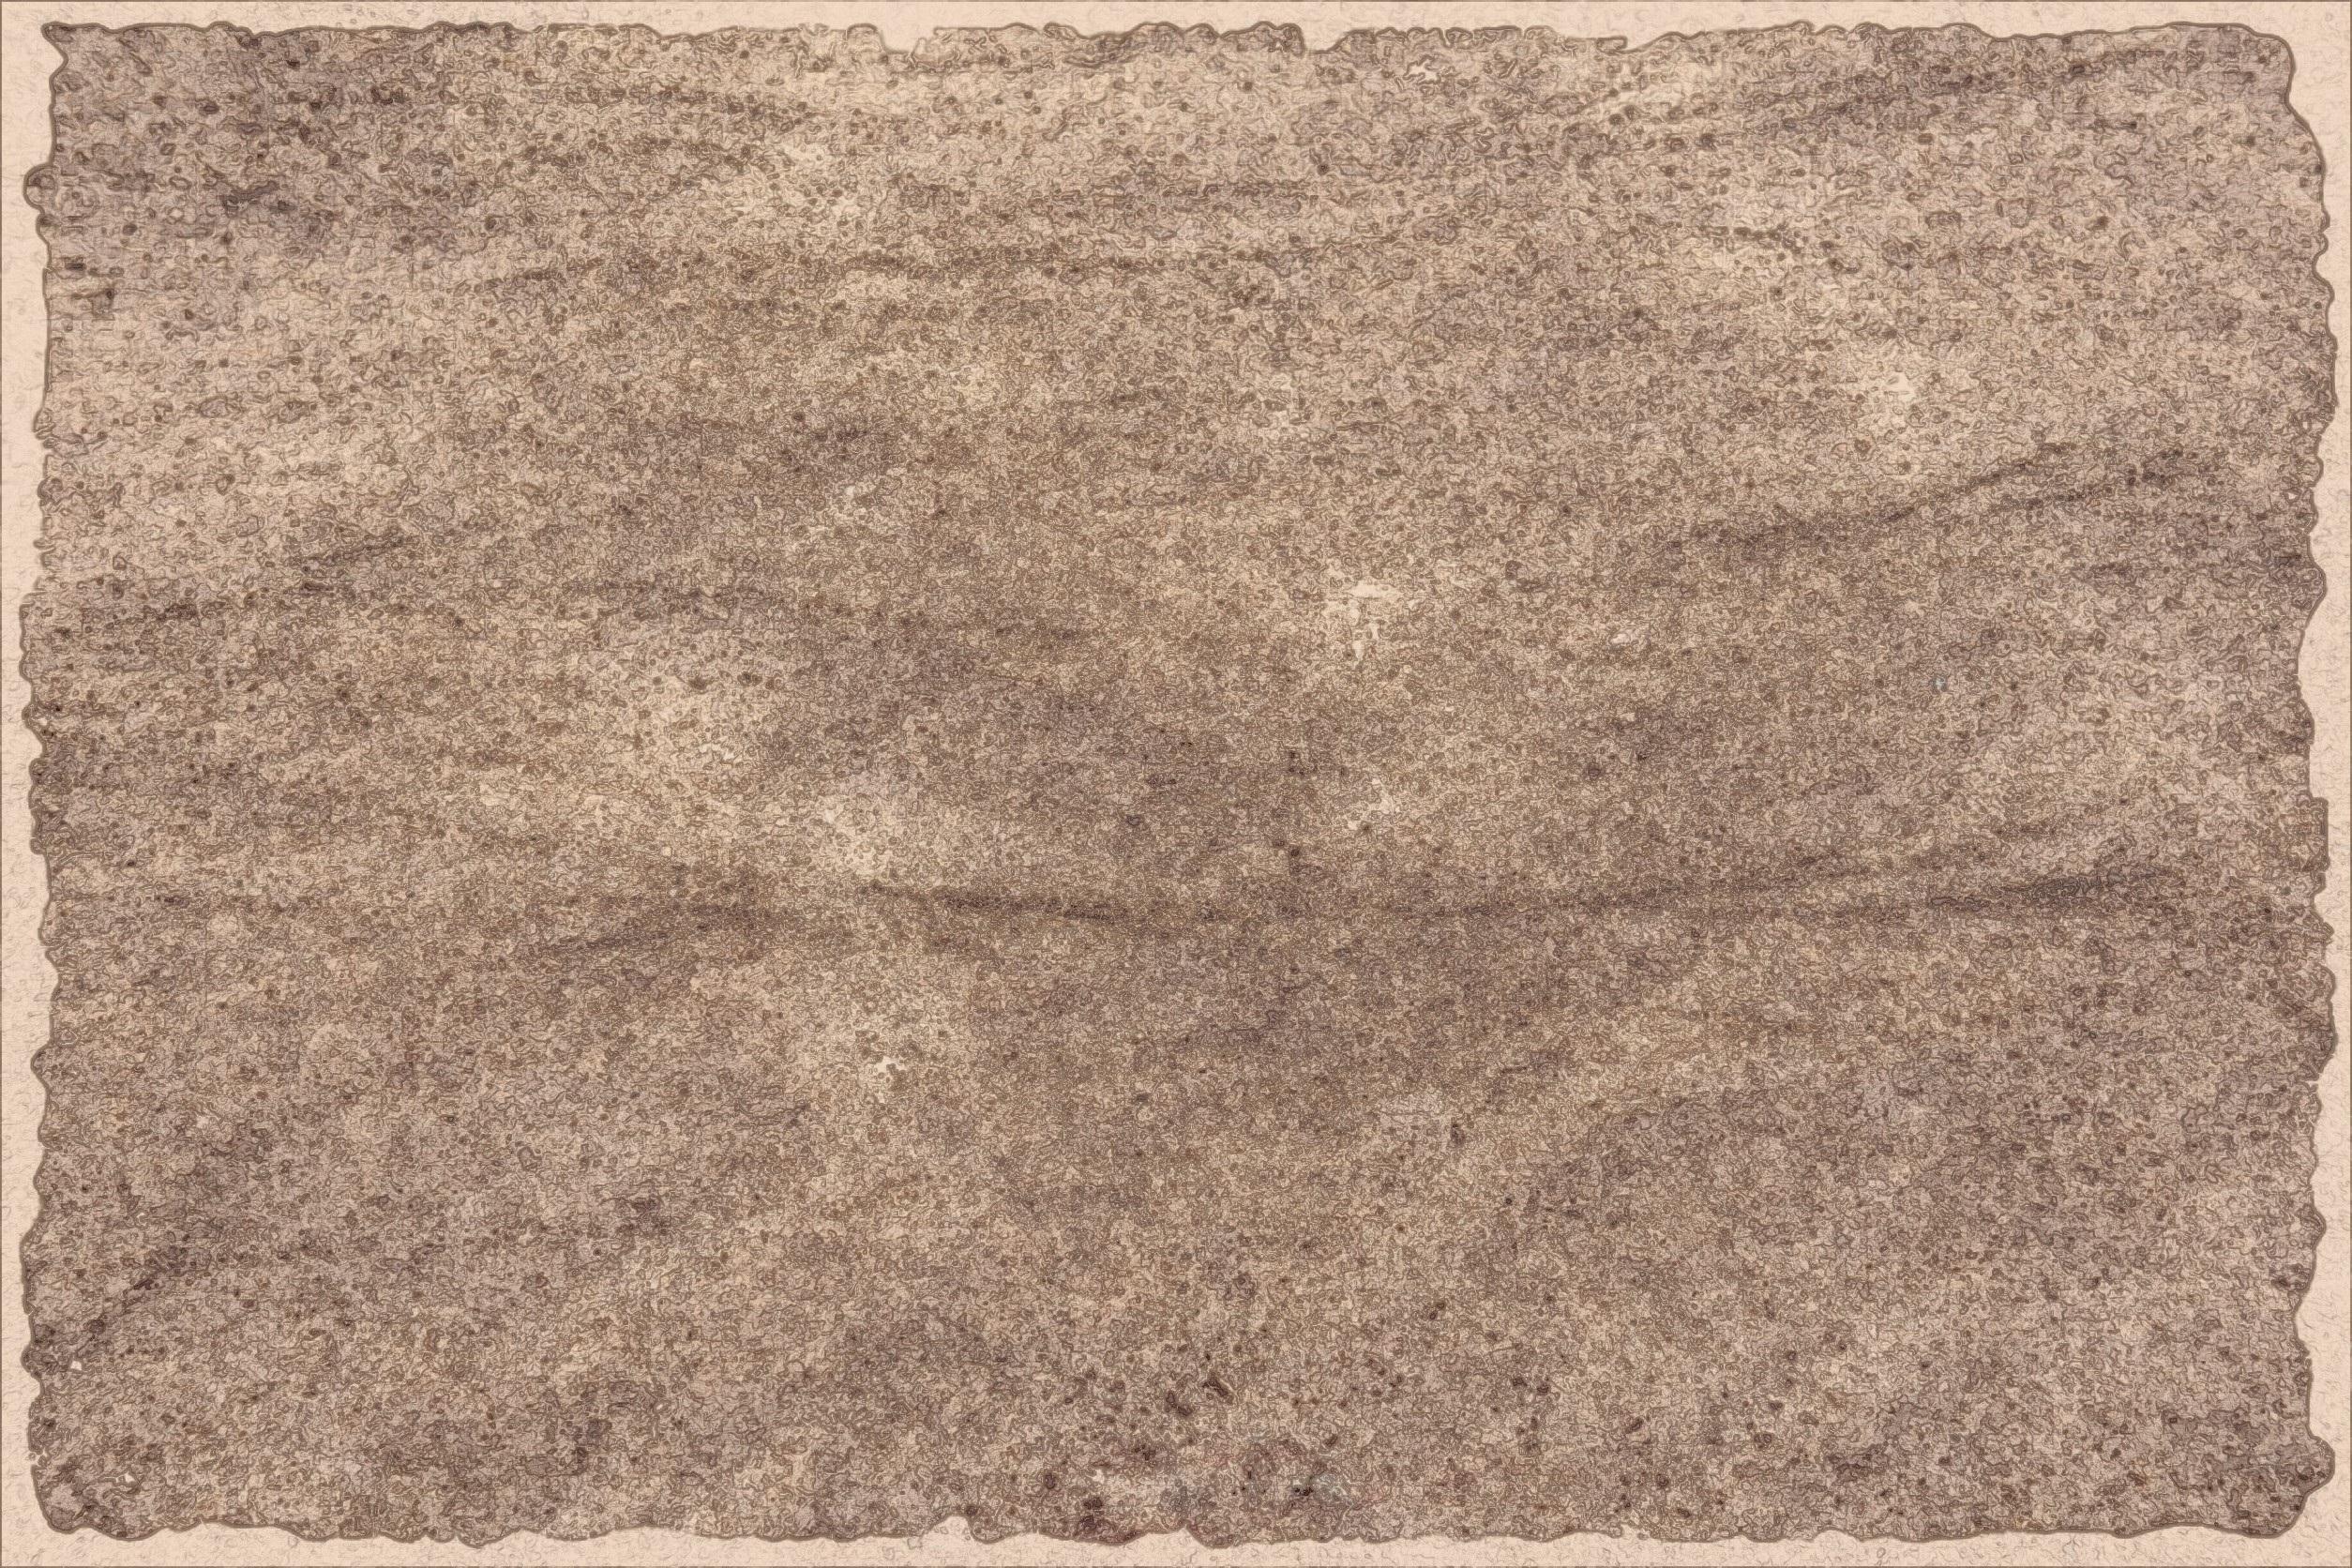 Tekstur Coklat Kertas Bahan Perkamen Tekstil Latar Belakang Meninggalkan Kuno Lantai Sprei Public Domain